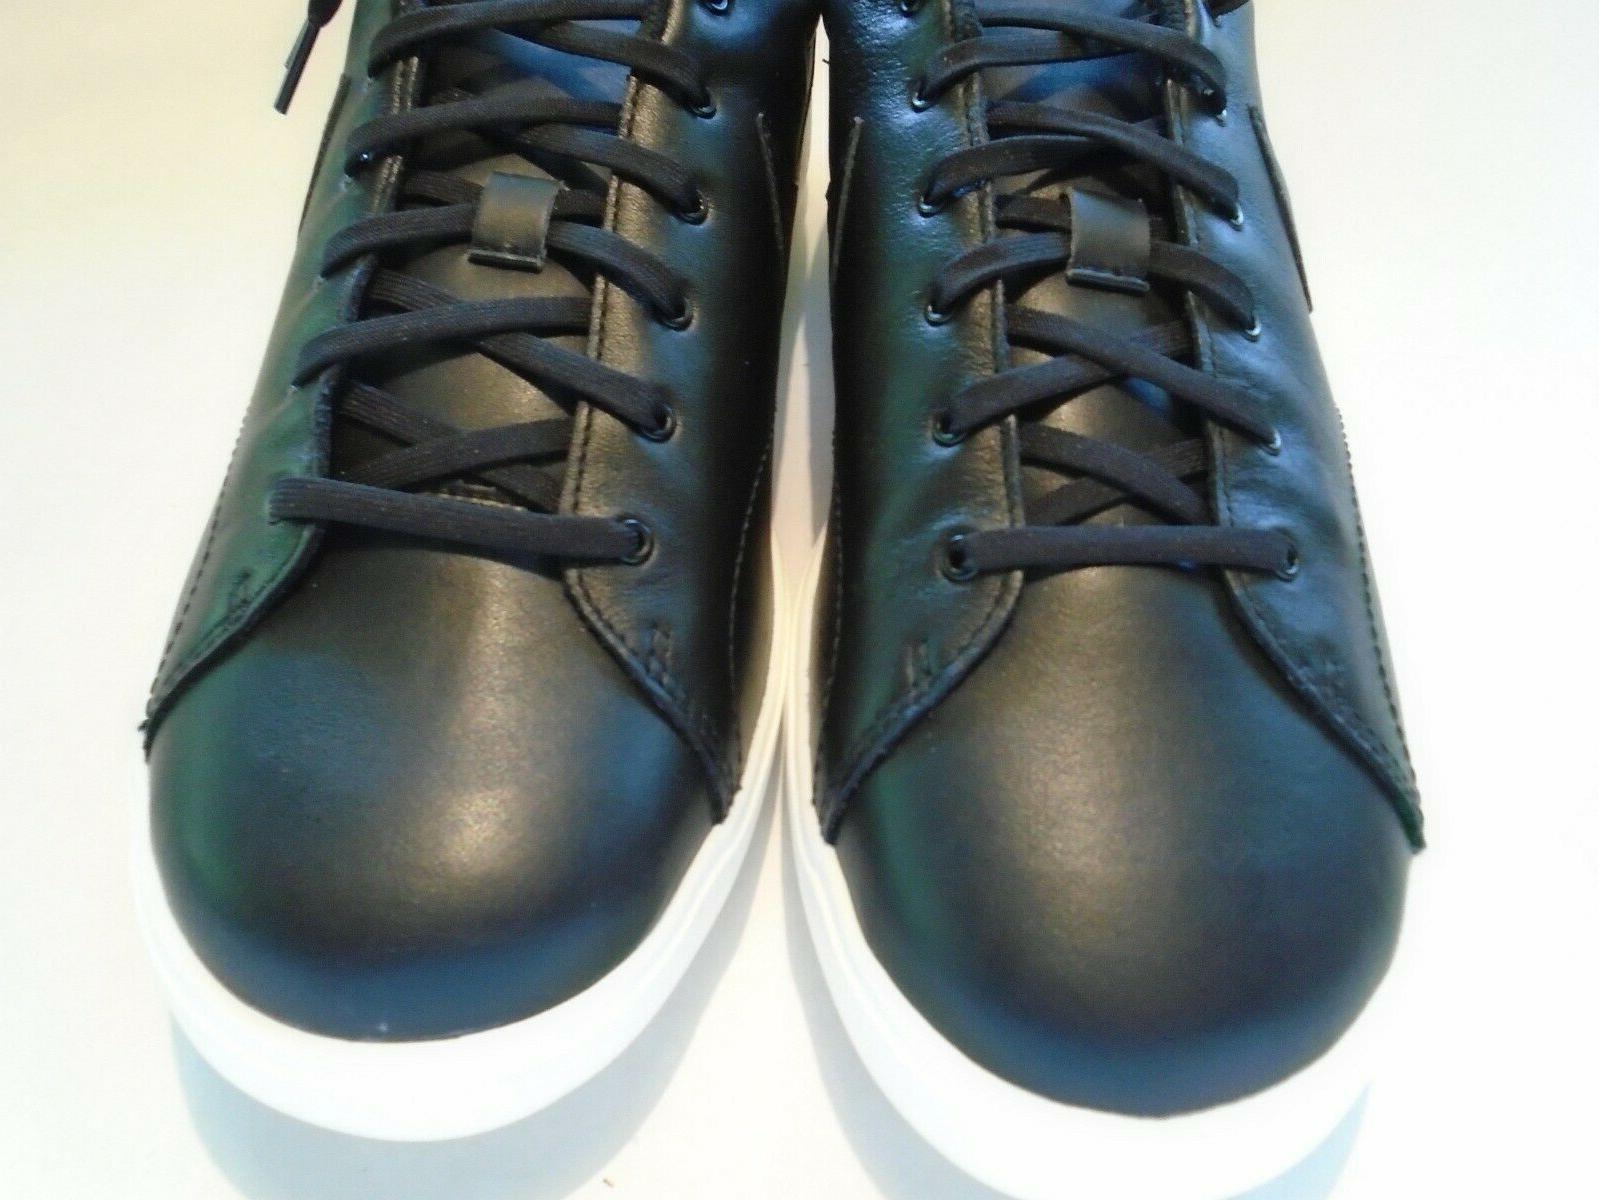 New Men's Sz 10.5 Spikeless Shoes